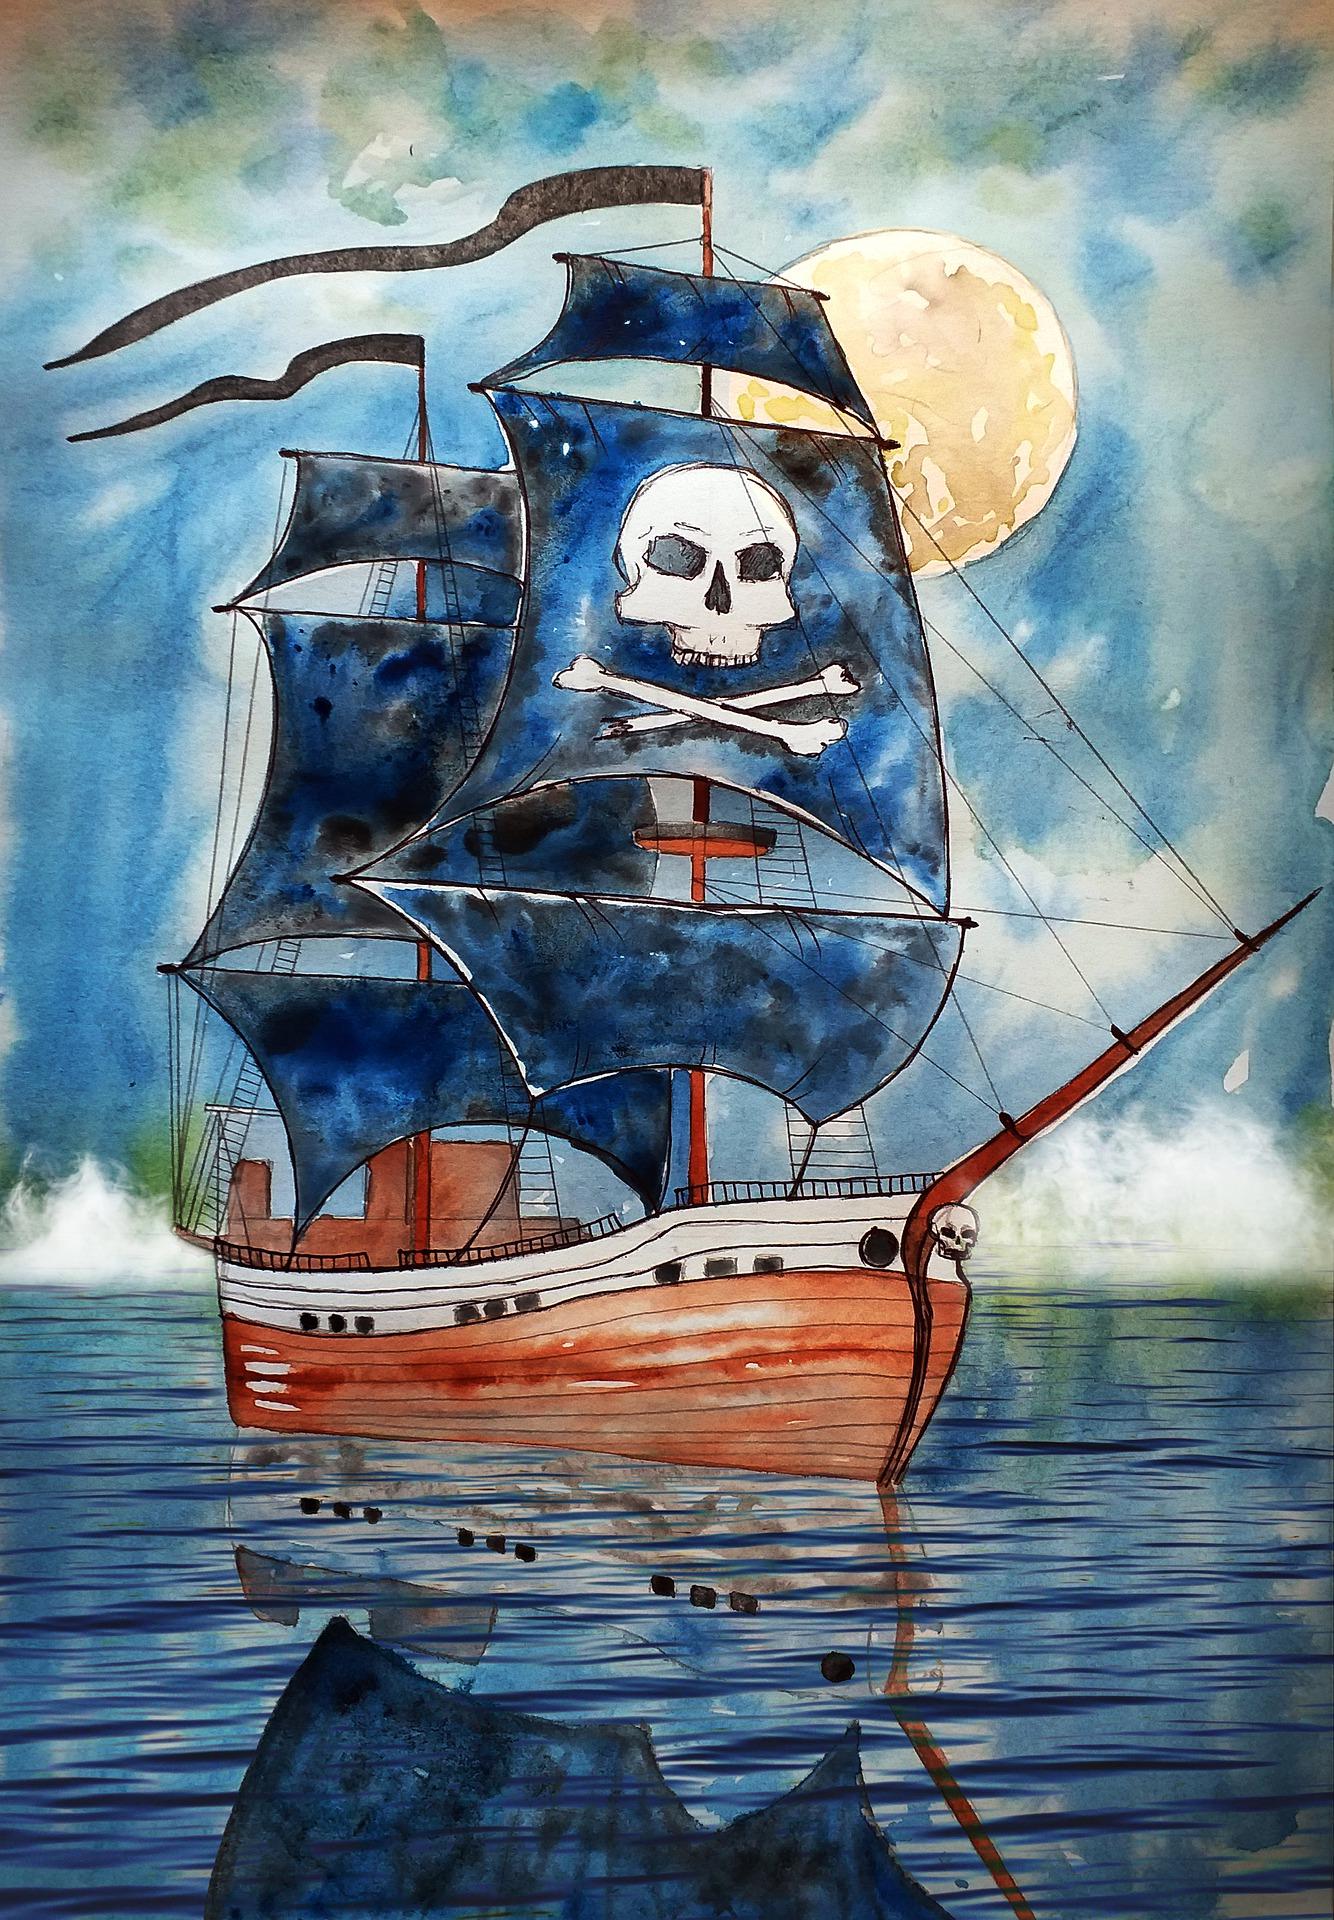 Das Bild zeigt ein Piratenschiff mit Klabauterflagge.